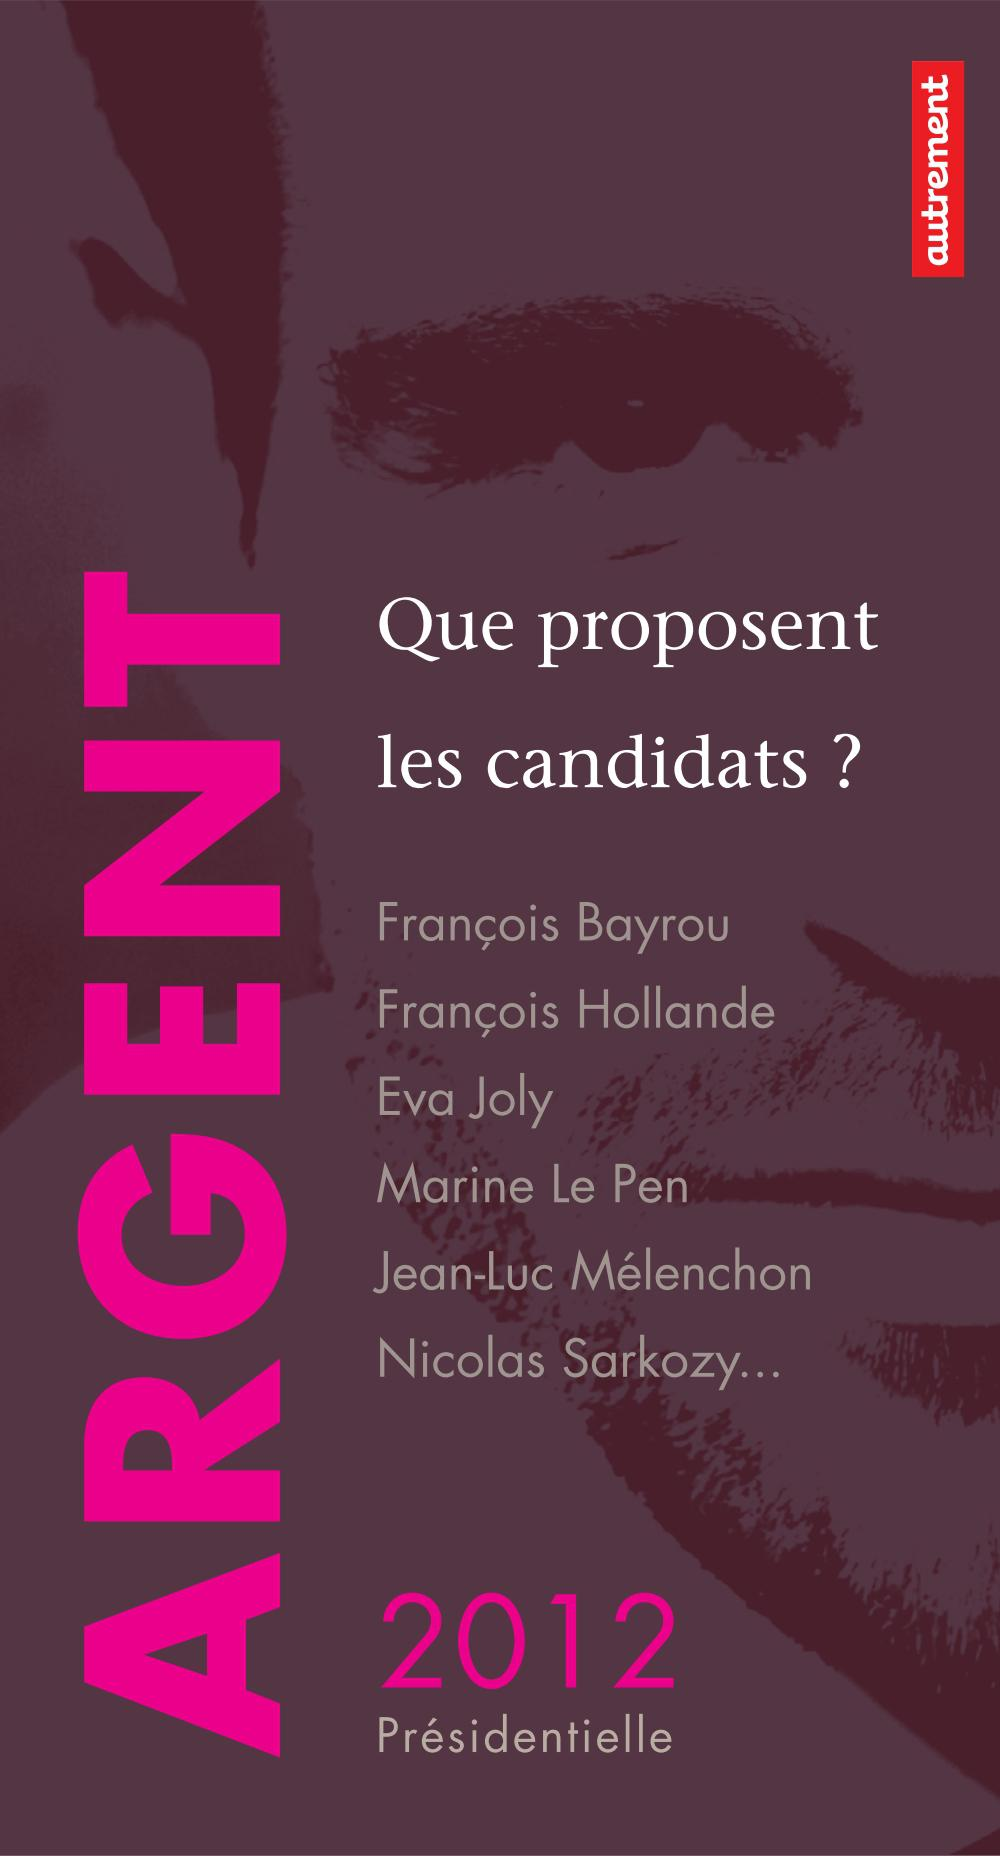 Argent : que proposent les candidats ?, FRANÇOIS BAYROU, FRANÇOIS HOLLANDE, EVA JOLY, MARINE LE PEN, JEAN-LUC MÉLENCHON, NICOLAS SARKOZY